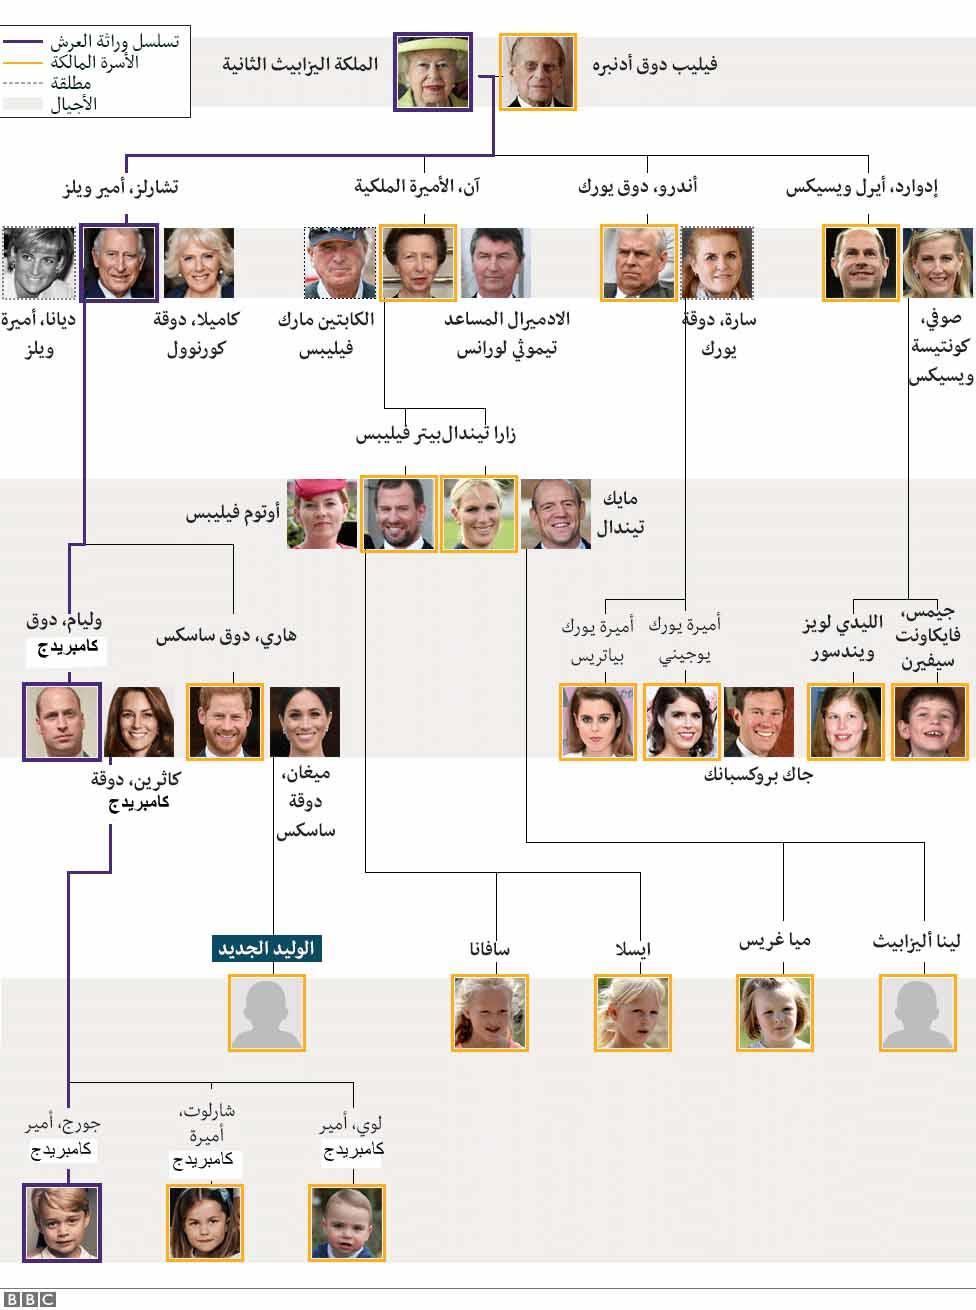 _106824358_royal_family_tree_arabic_976_v4-nc